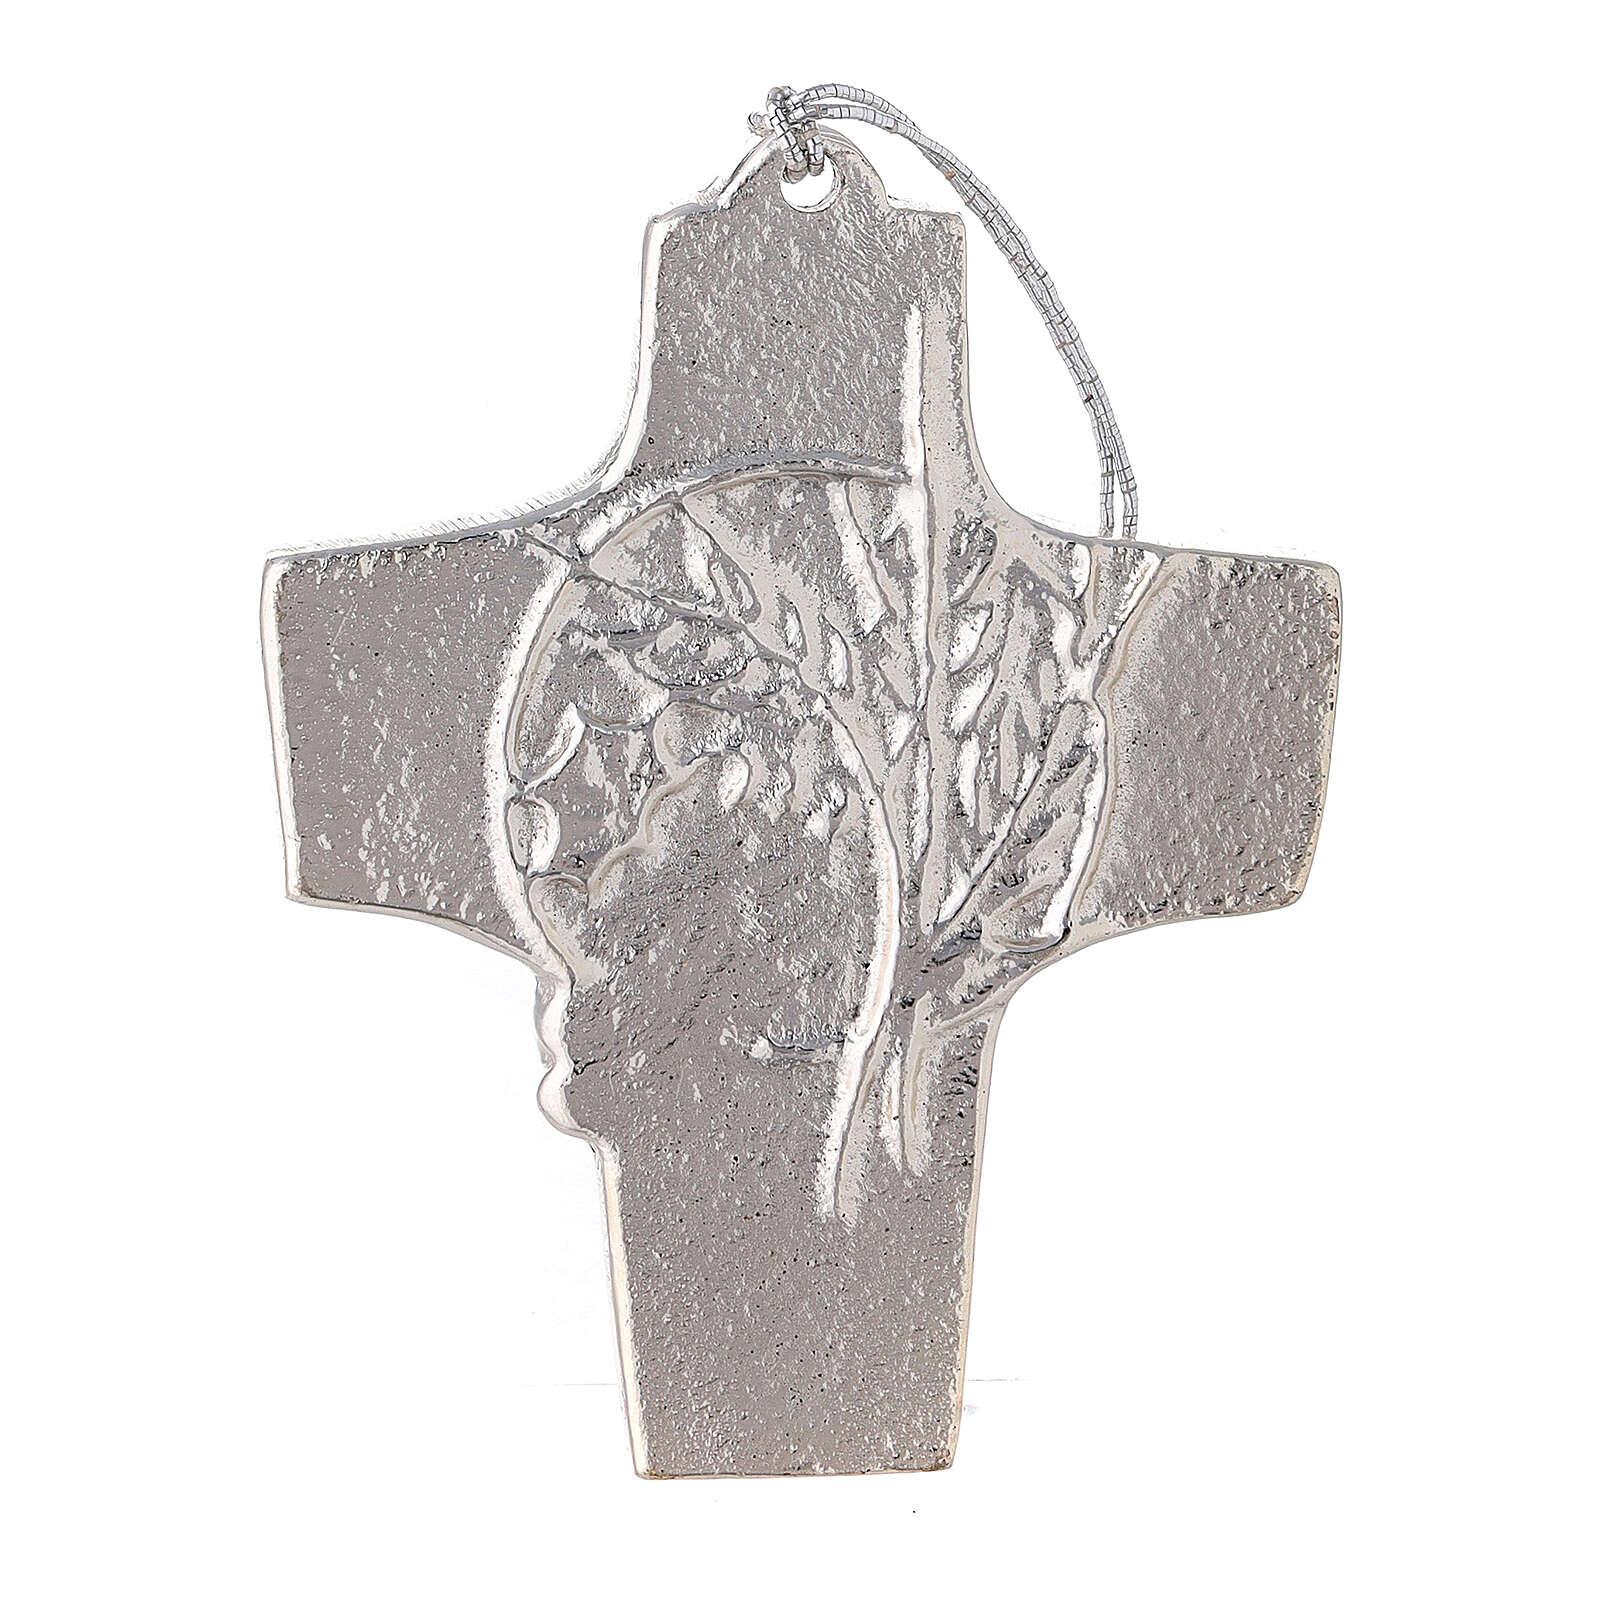 Cruz de parede trigo uva alumínio 9,5 cm 4